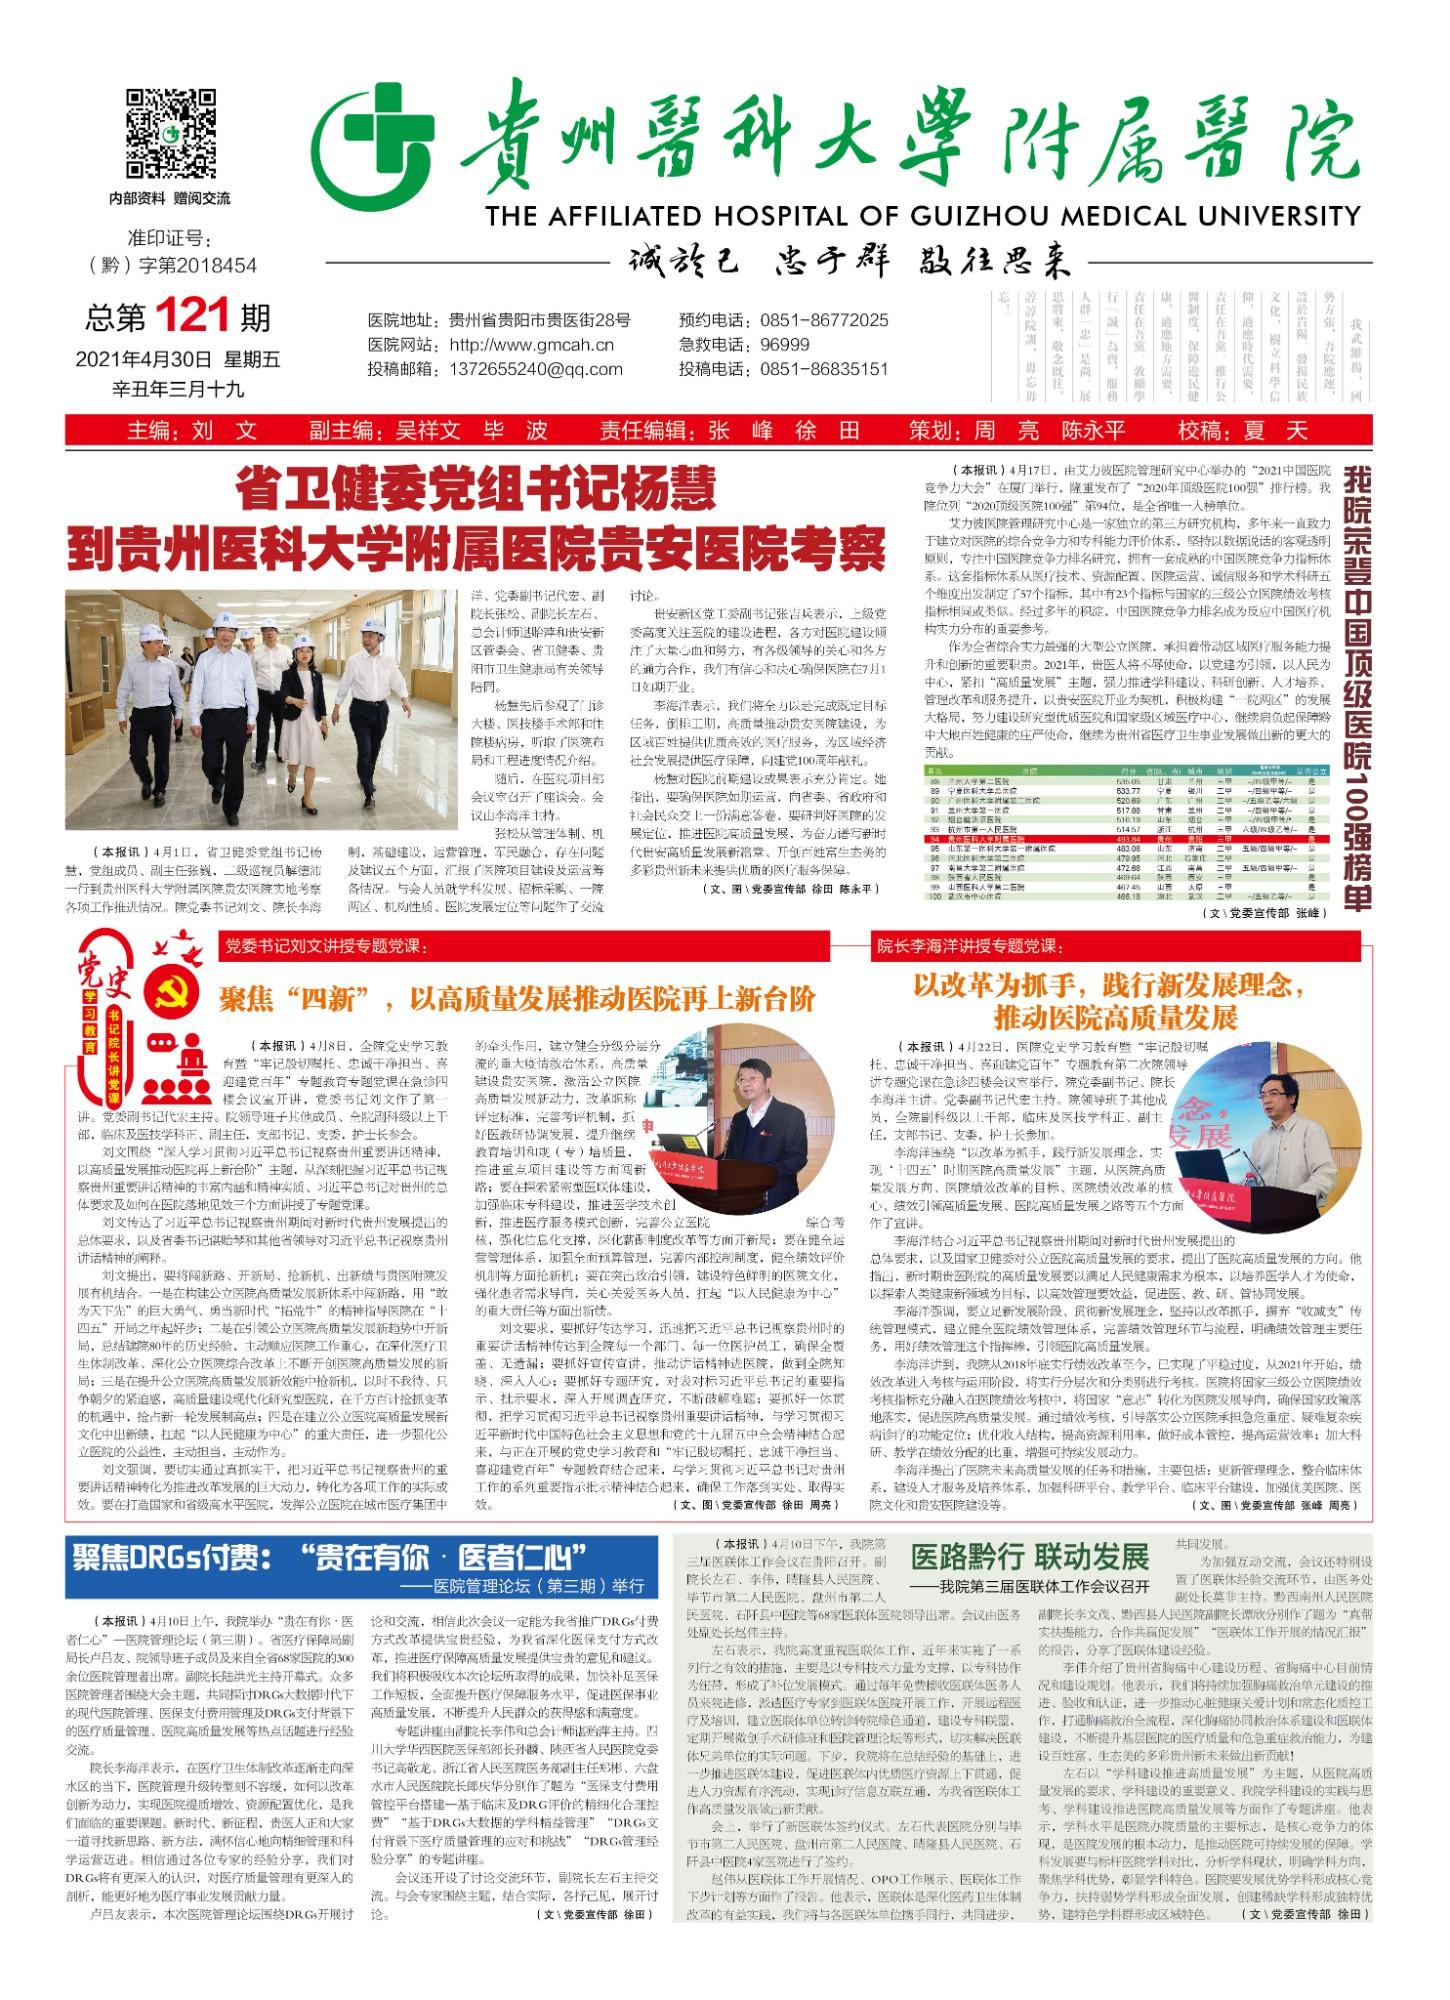 贵医报121期1版(2)